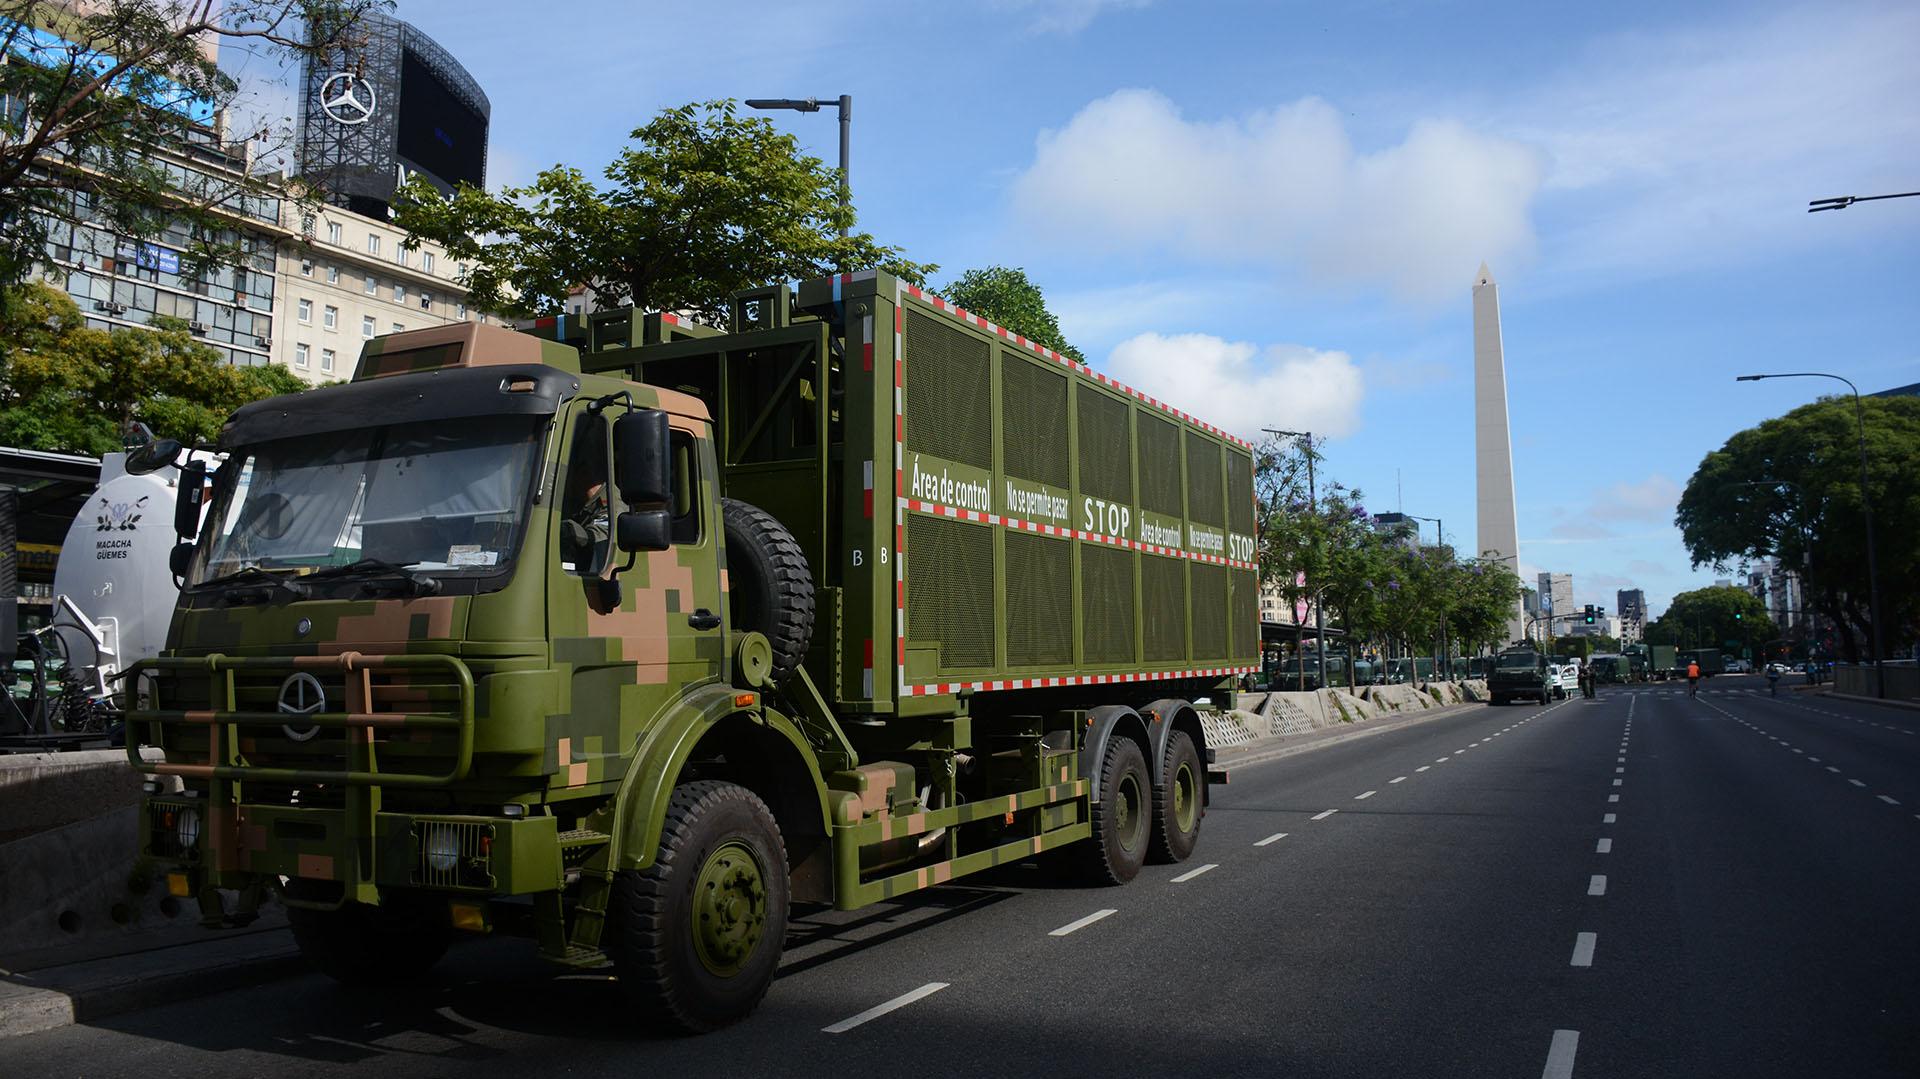 Uno de los camiones destinados al megaoperativo de seguridad apostado sobre la Avenida 9 de Julio en la previa de la marcha anti G20